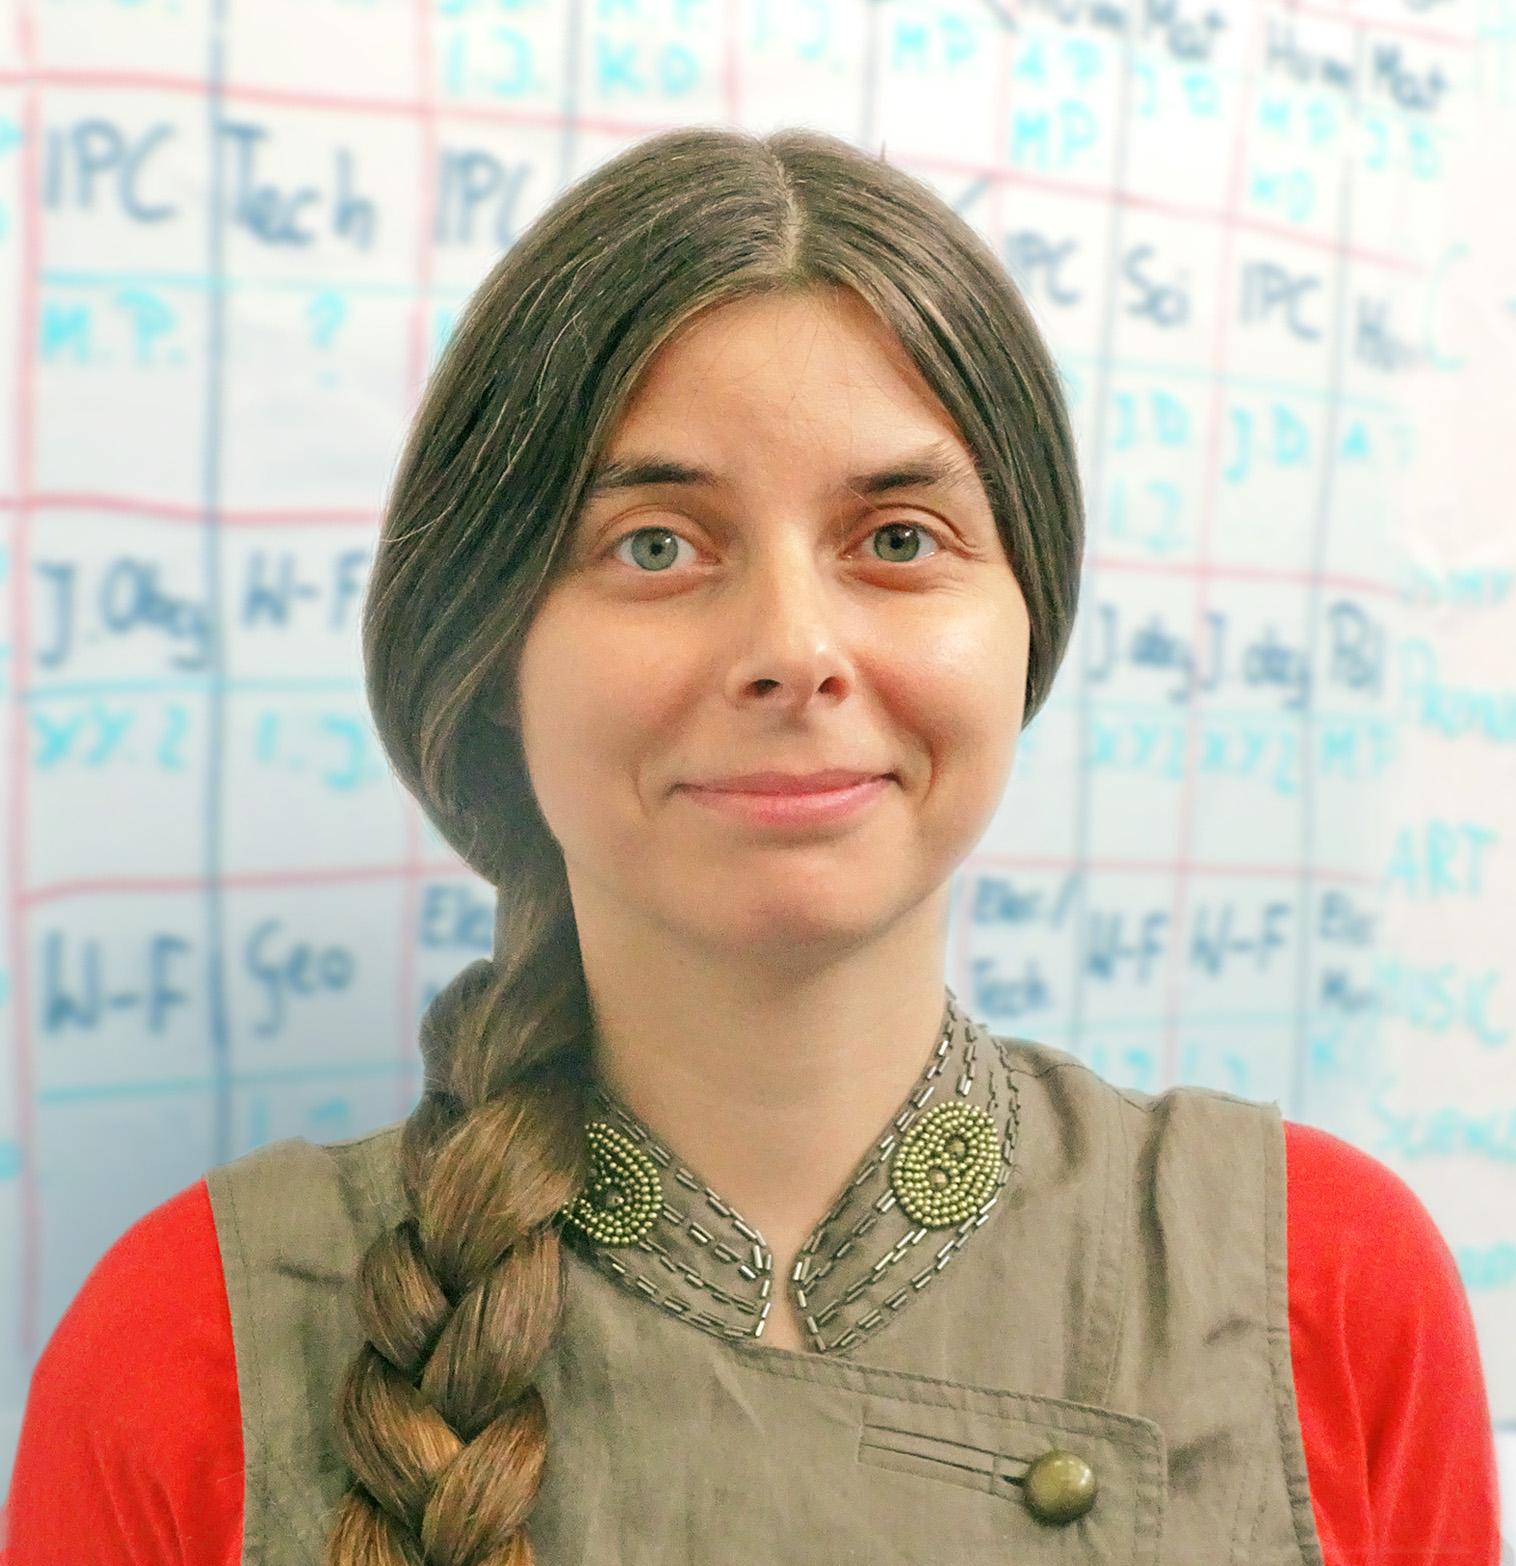 Natalia Adamczyk